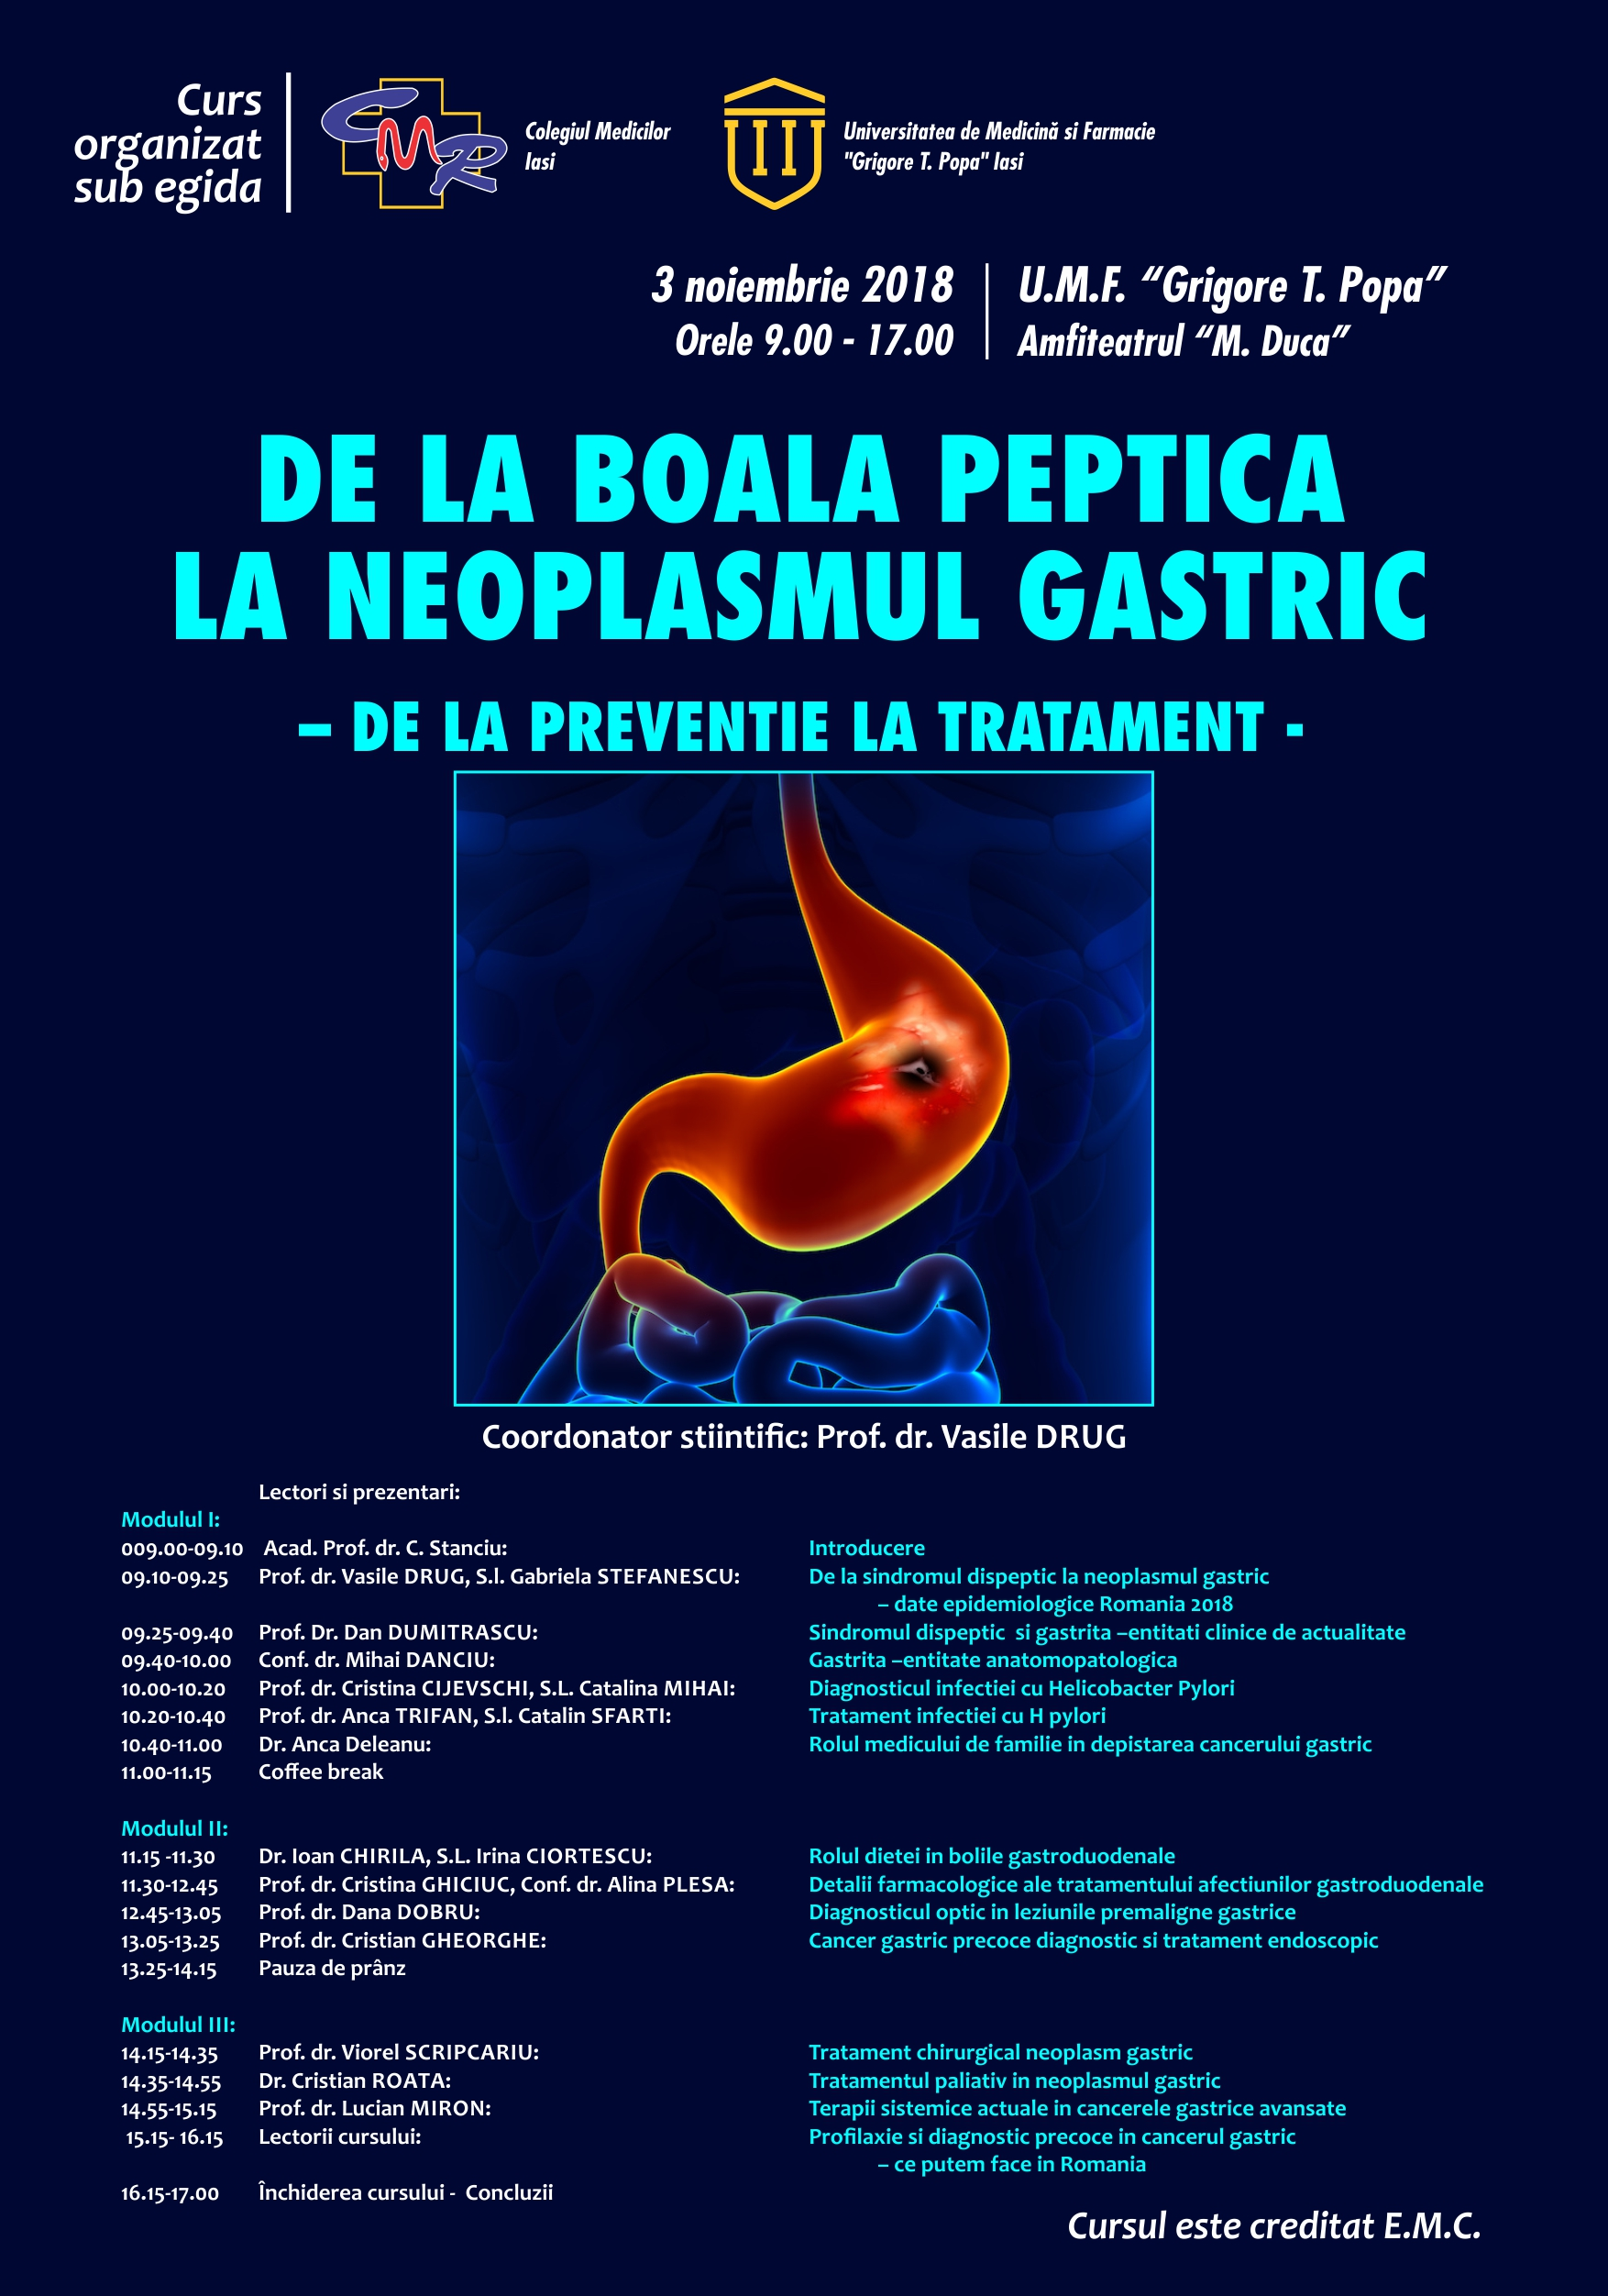 CURS -DE LA BOALA PEPTICA LA NEOPLASMUL GASTRIC – DE LA PREVENTIE LA TRATAMENT, 3 NOIEMBRIE 2018